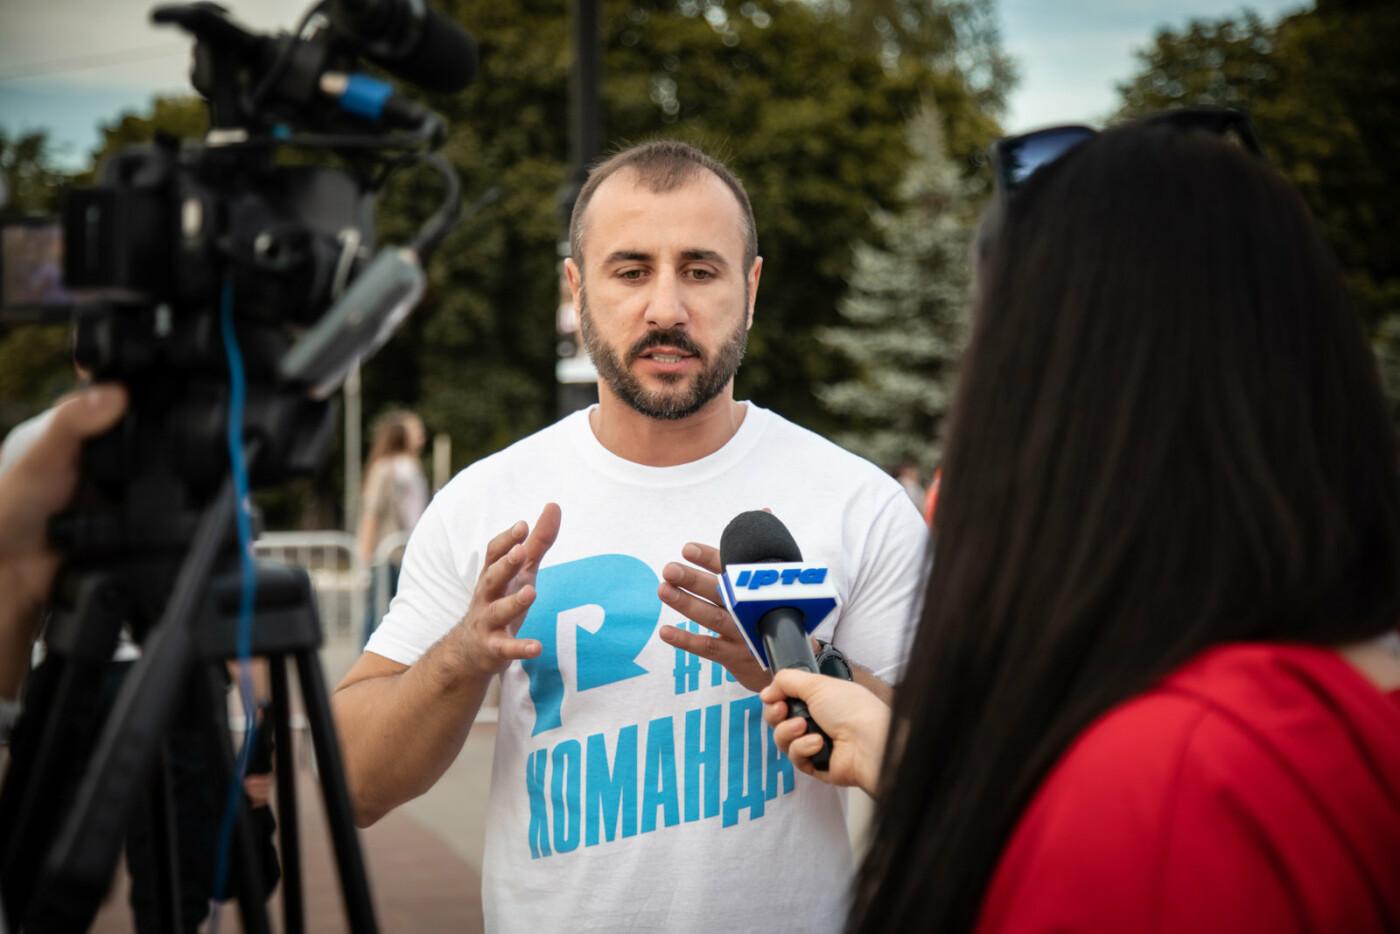 Встреча с Сергеем Рыбалка и концерт группы «НеАнгелы» стали самым масштабным событием в Лисичанске за десятилетие, фото-7